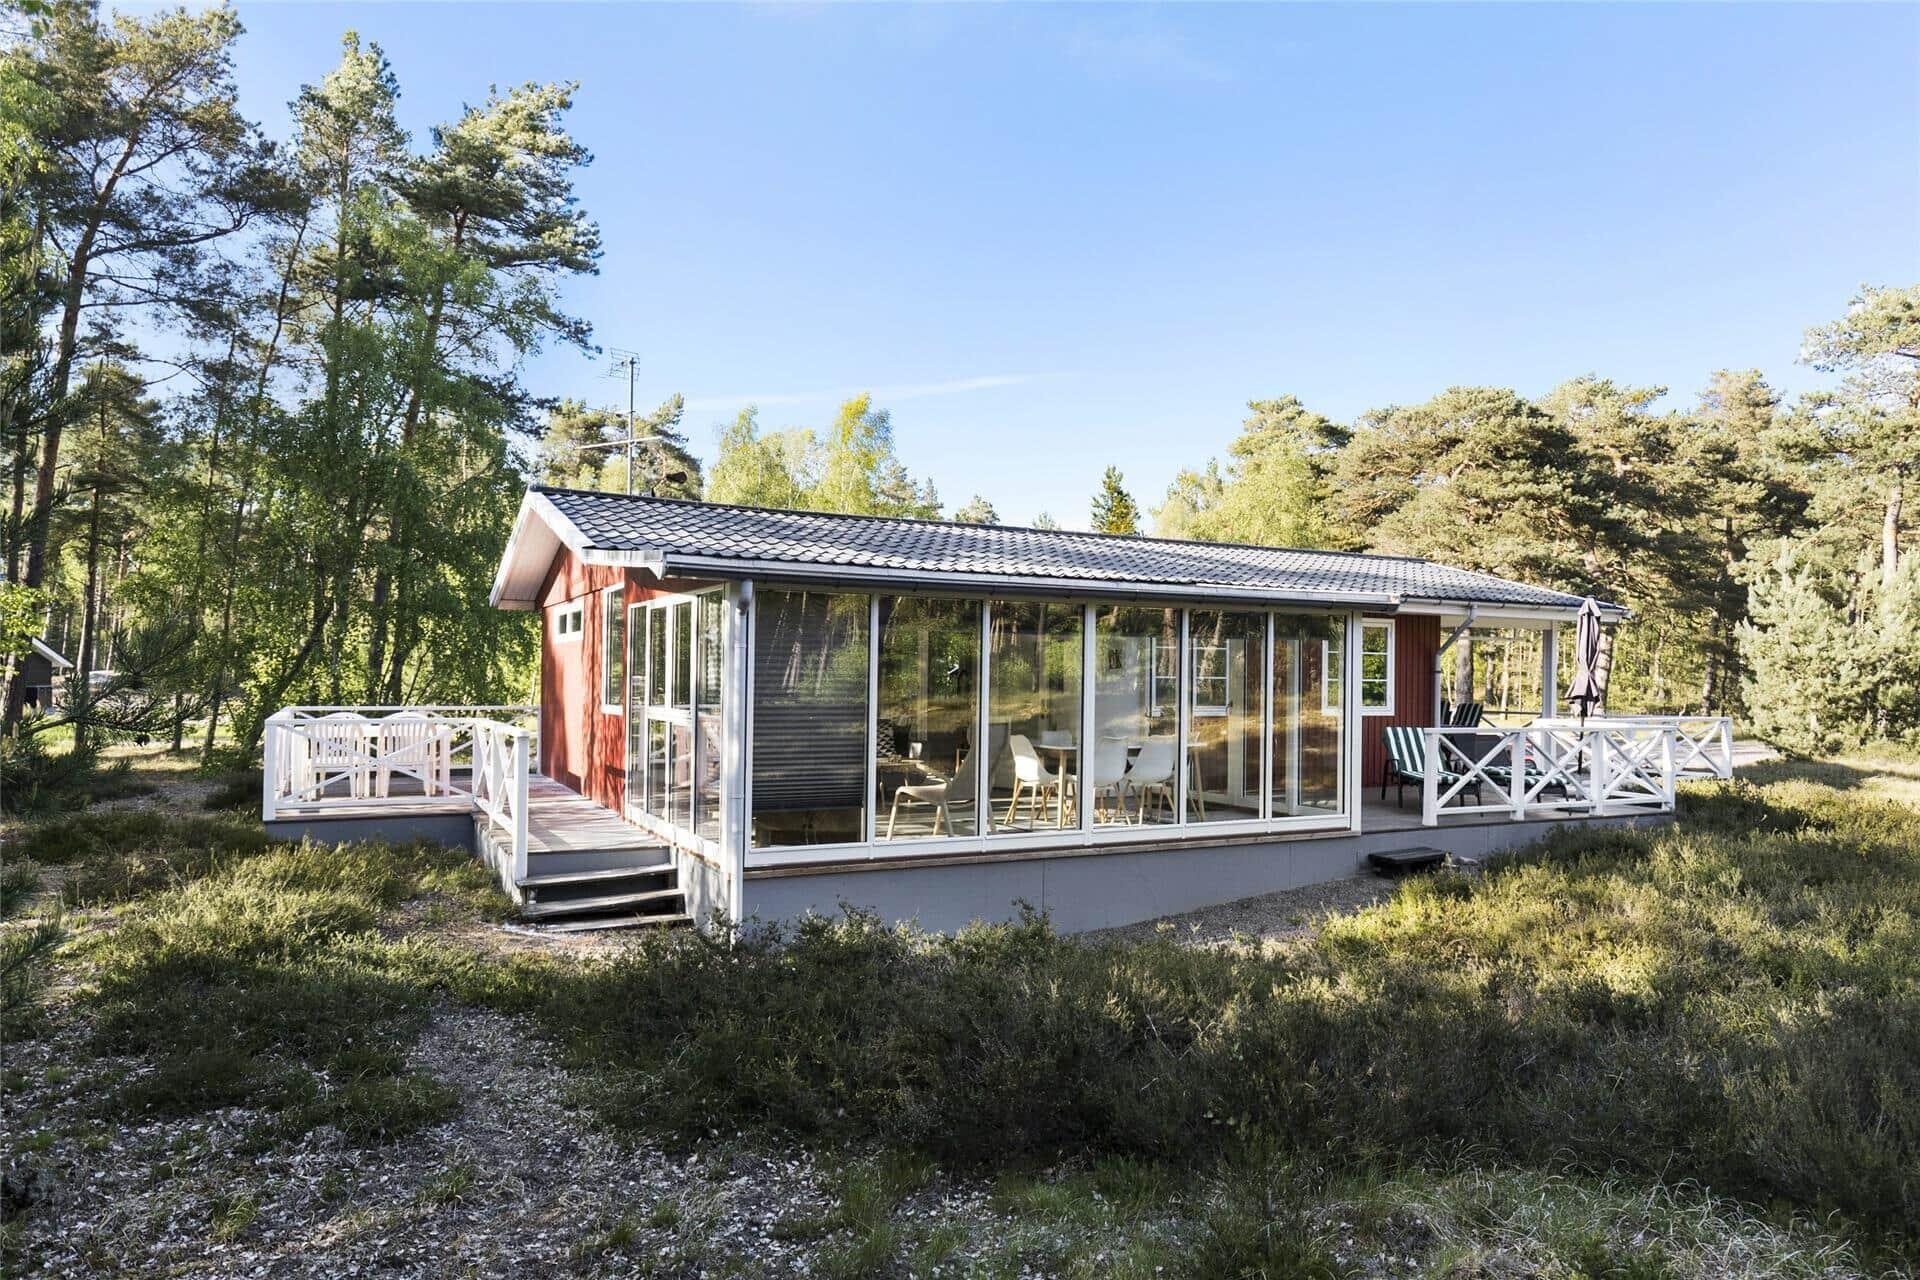 Image 1-10 Holiday-home 2615, Aspesgårdsskoven 44, DK - 3720 Aakirkeby